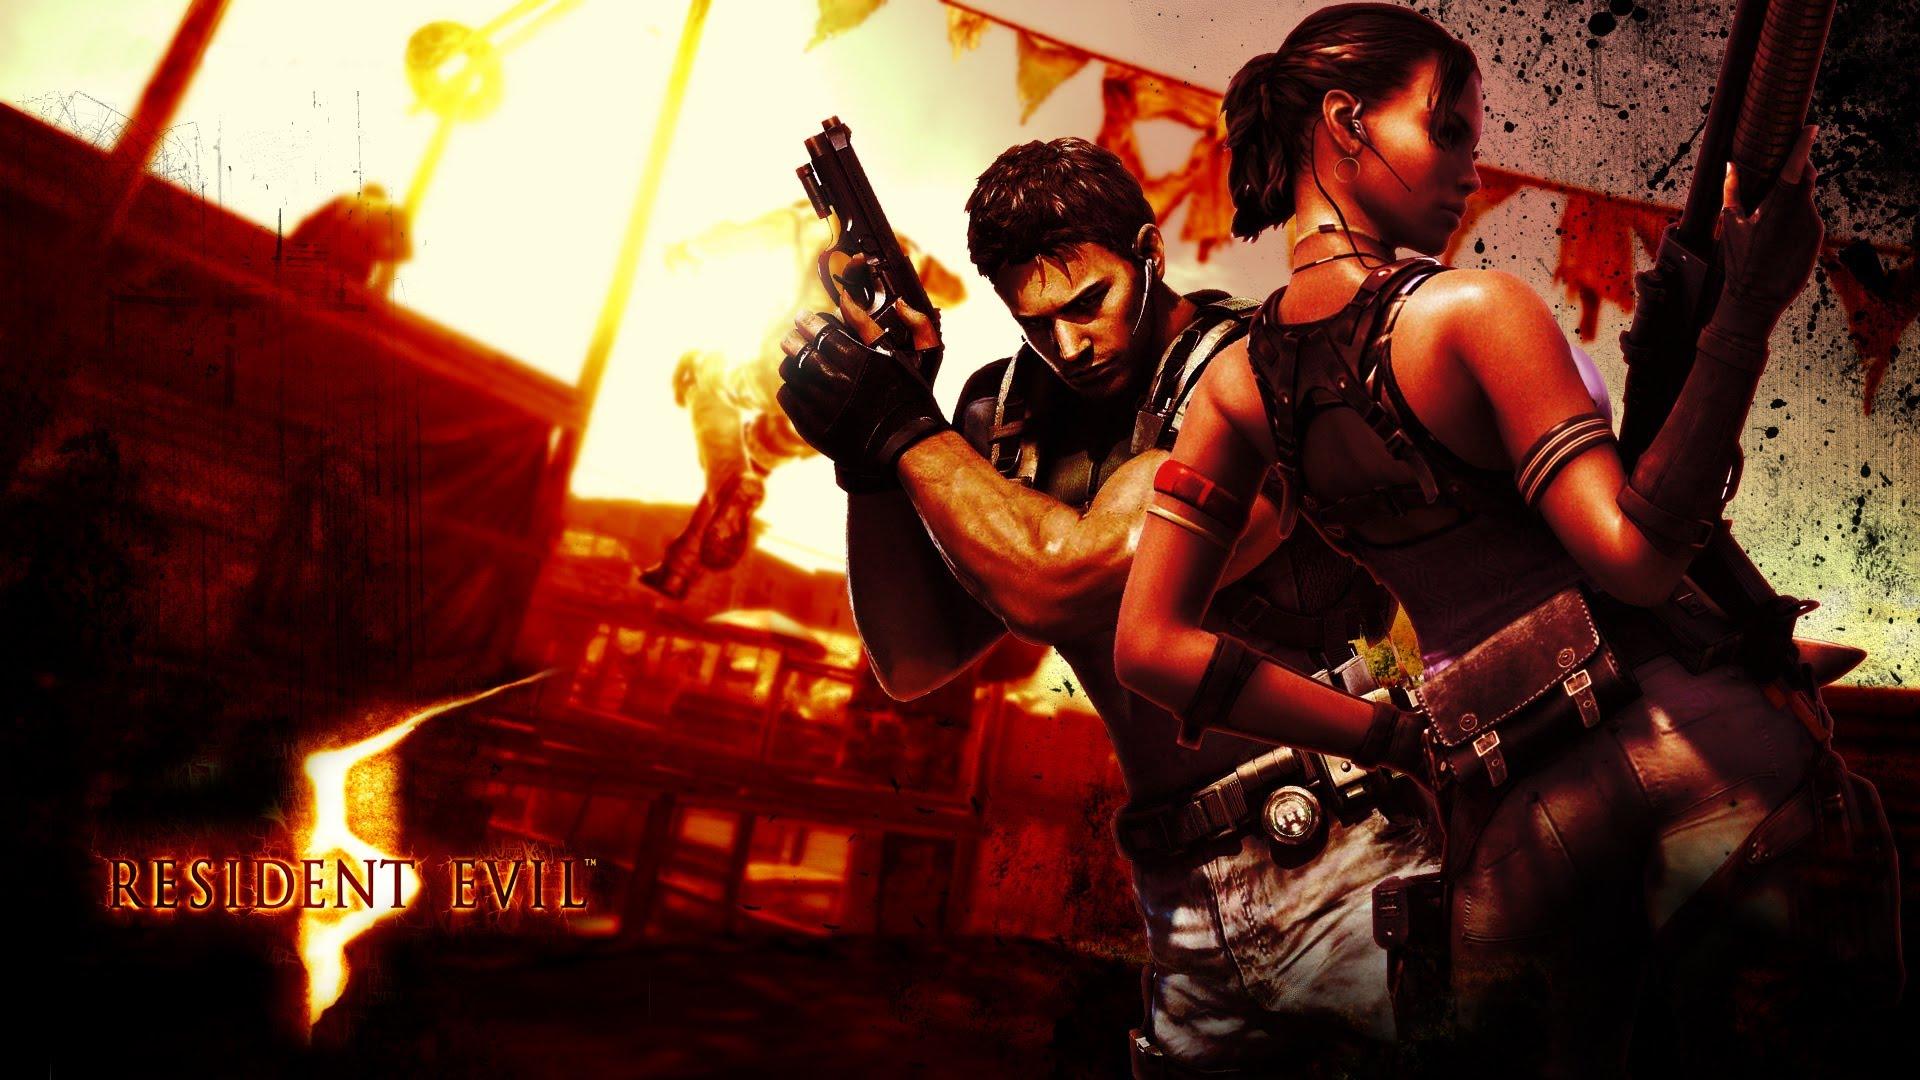 Resident Evil 5 Wallpapers Video Game Hq Resident Evil 5